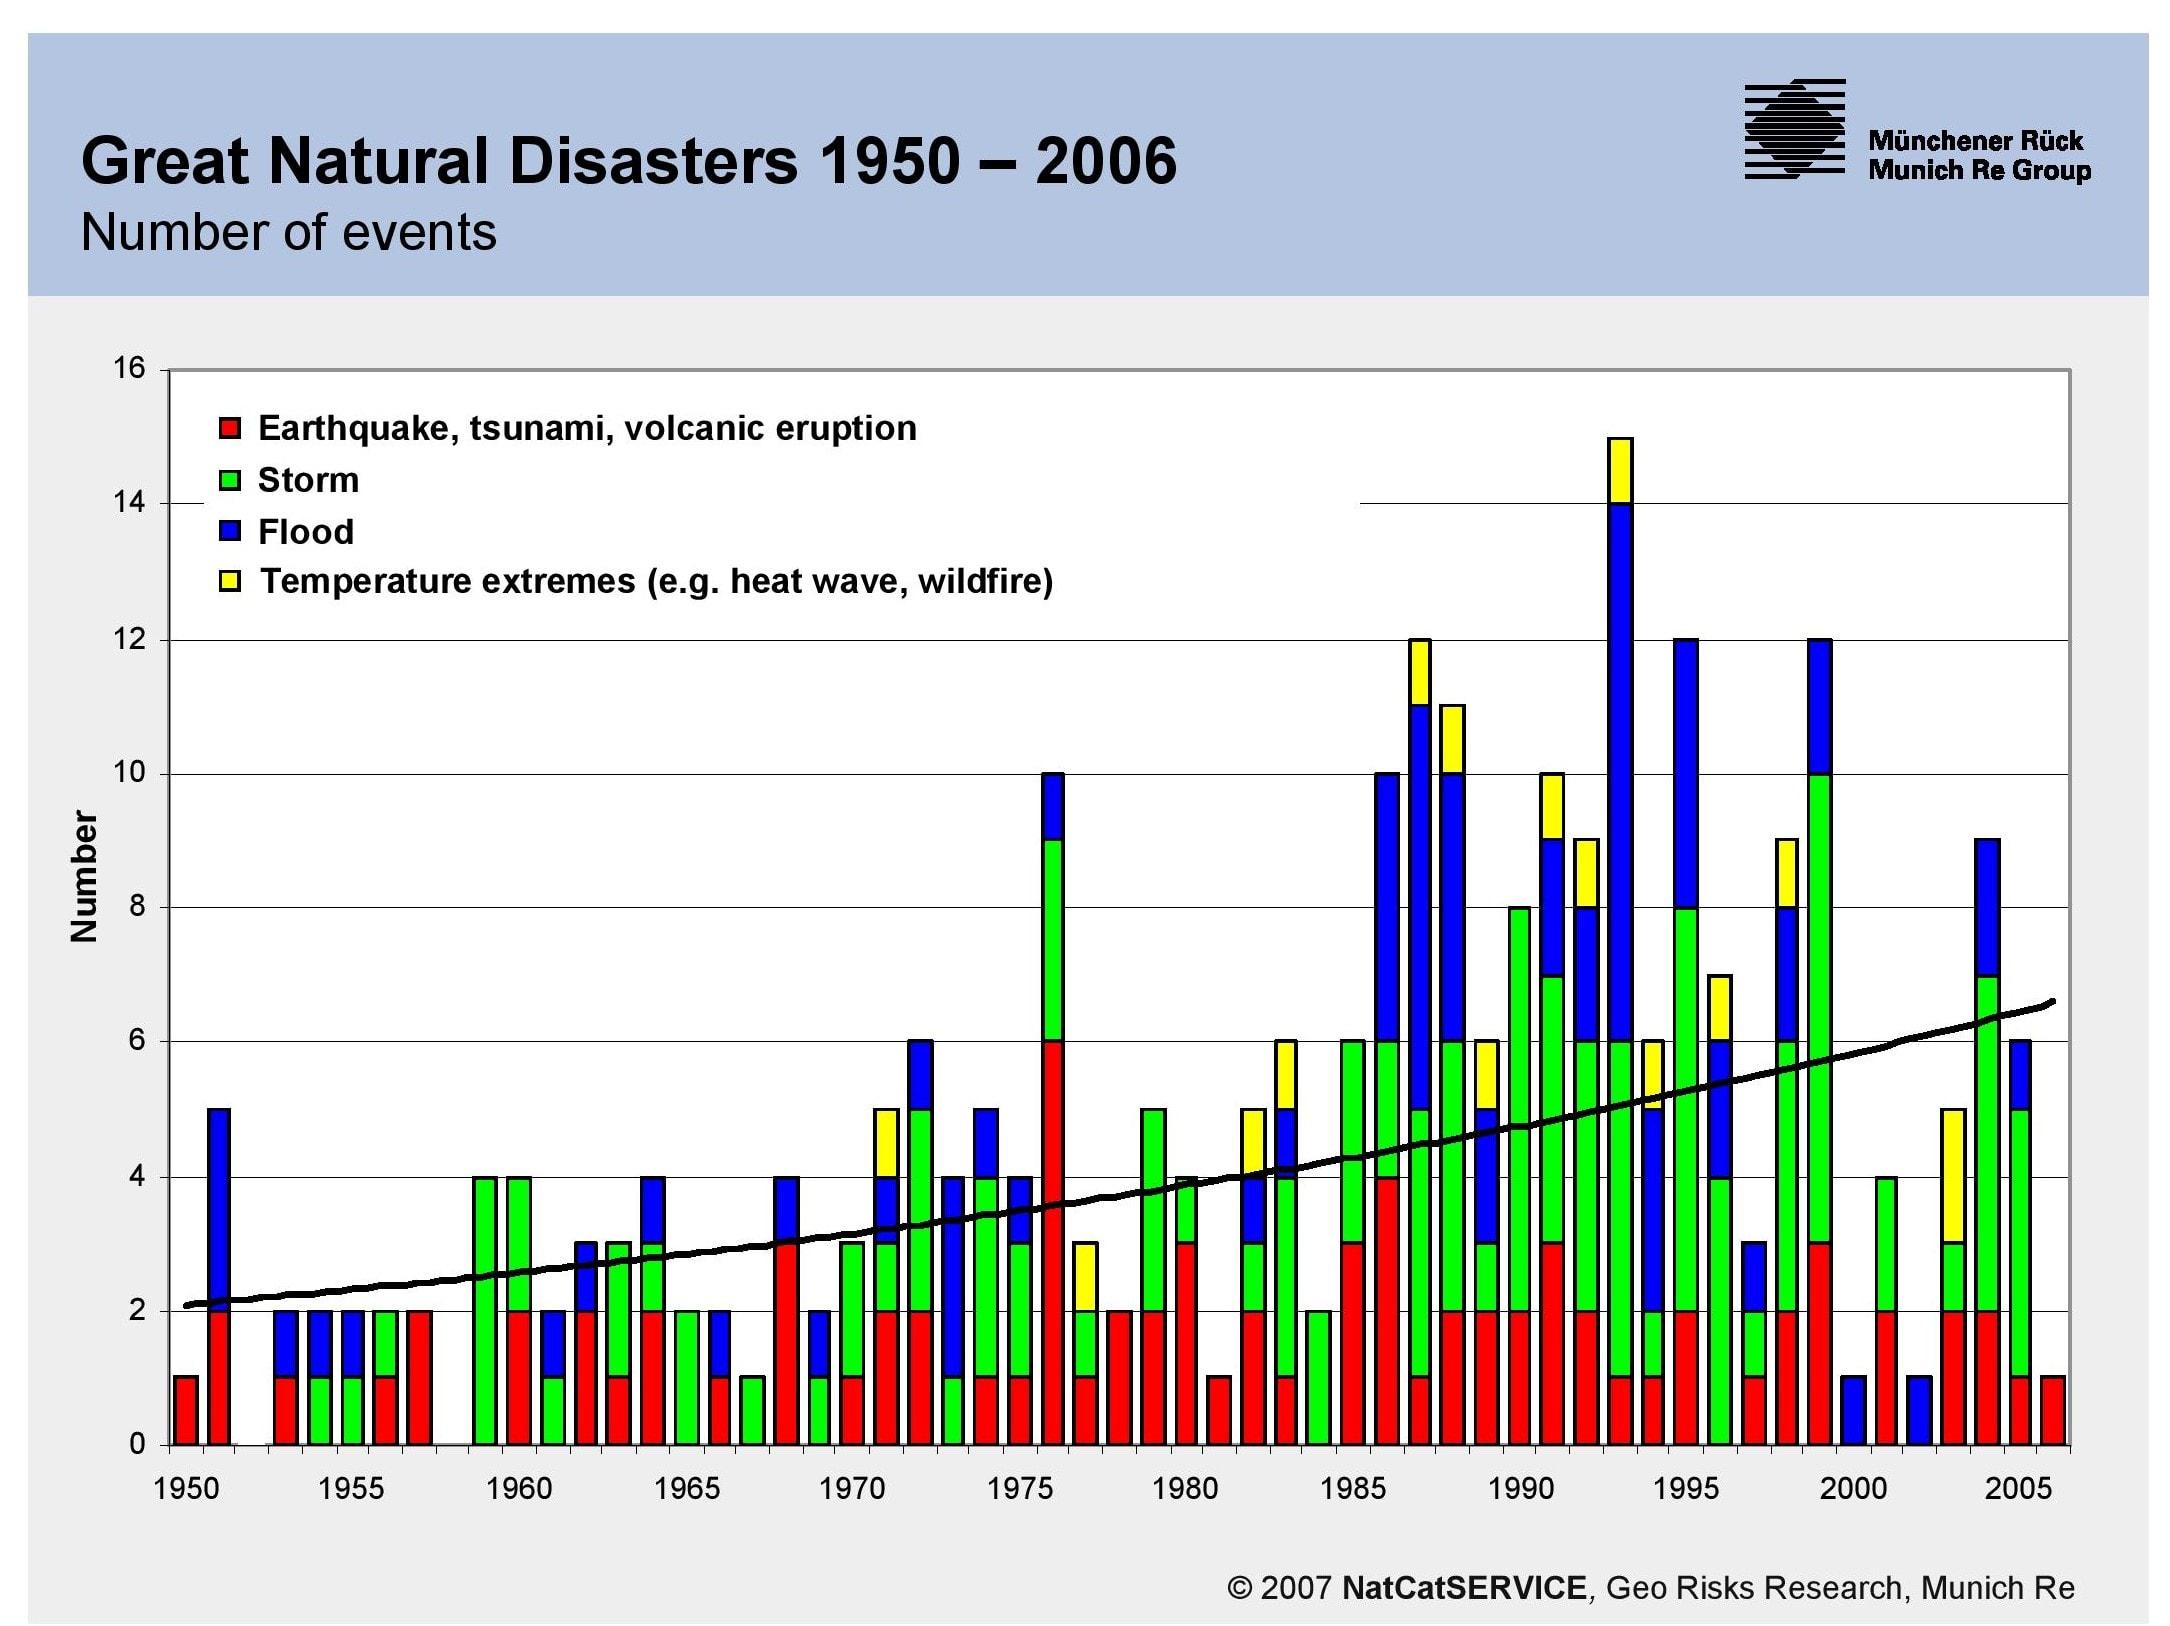 התפלגות אסונות טבעיים גדולים לפי מקורם, אקלים או גיאולוגי בשנים 1950–2005 (Microsoft PowerPoint – Hoeppe Hyderabad 2007 pg5)